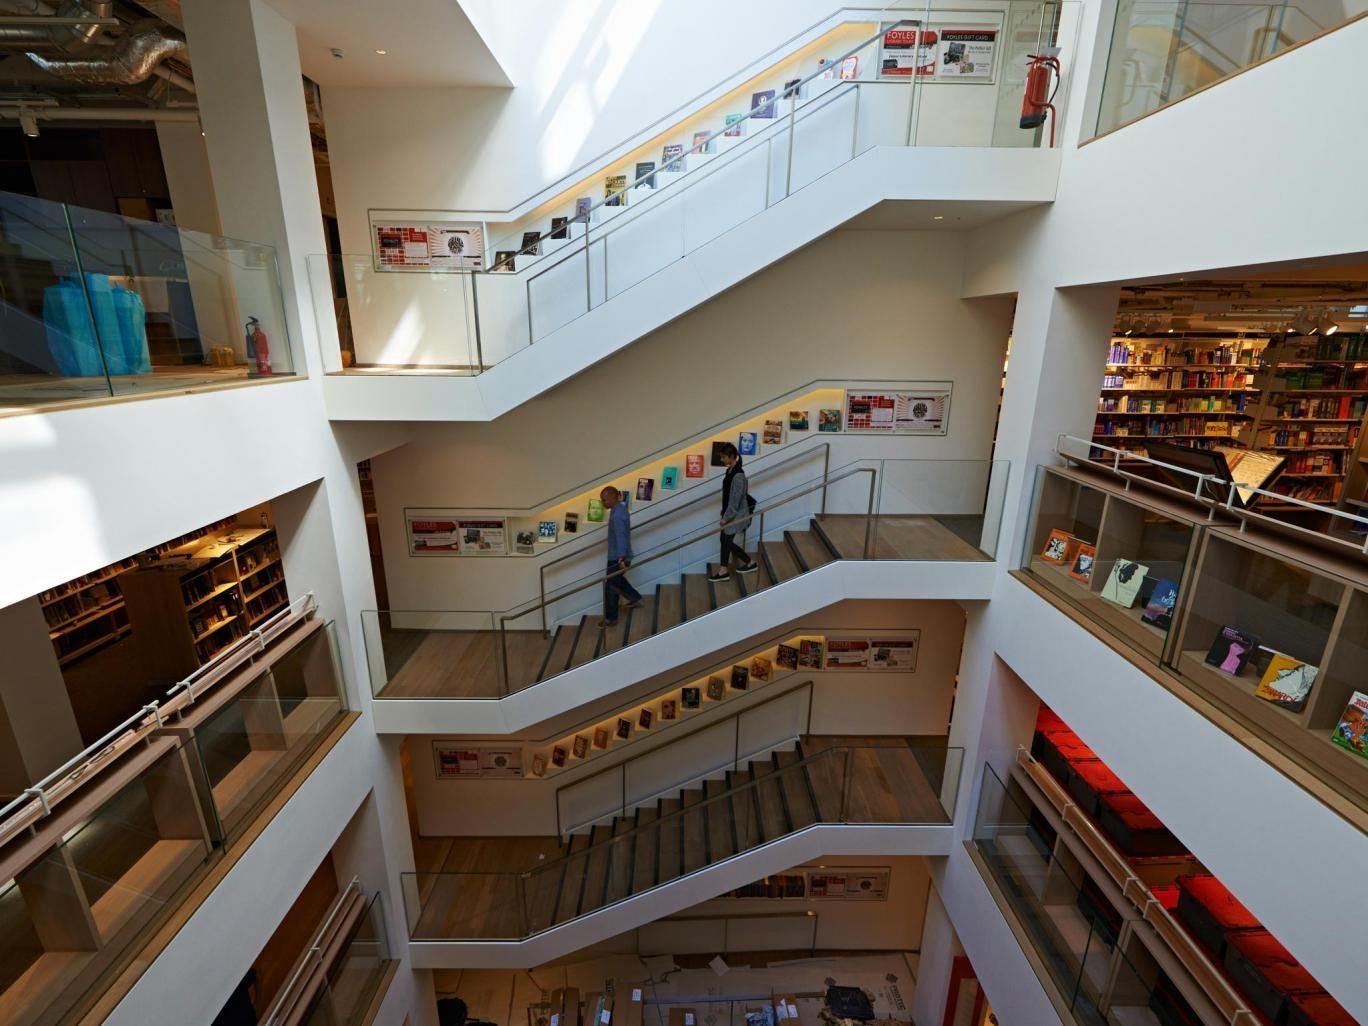 The new flagship Foyles bookshop